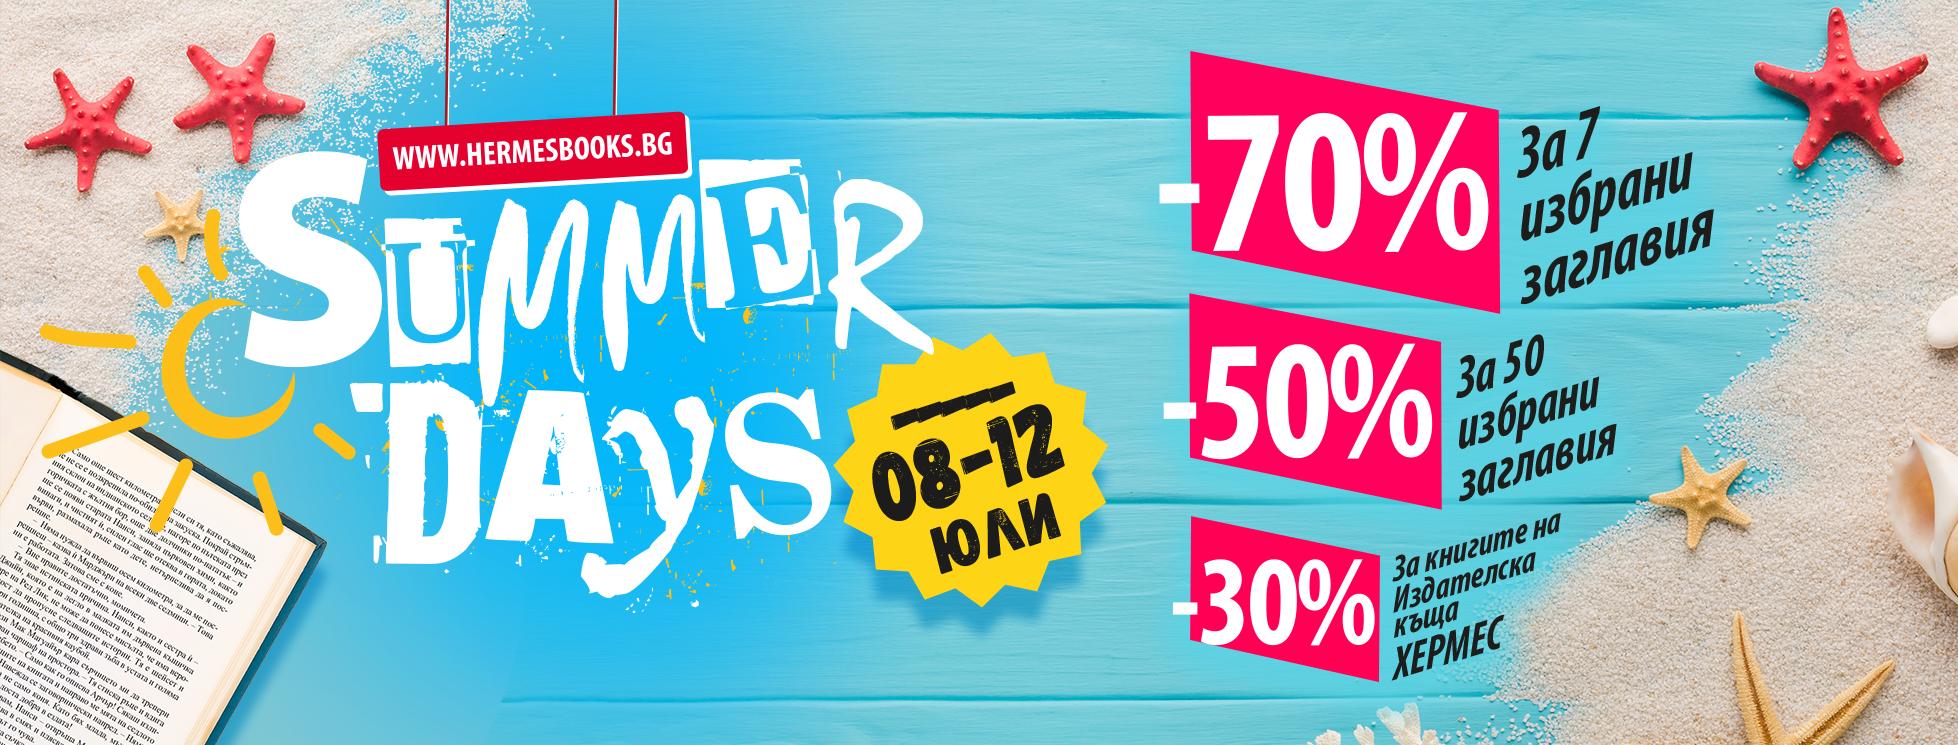 Summer days с отстъпки до 70% само на www.hermesbooks.bg!